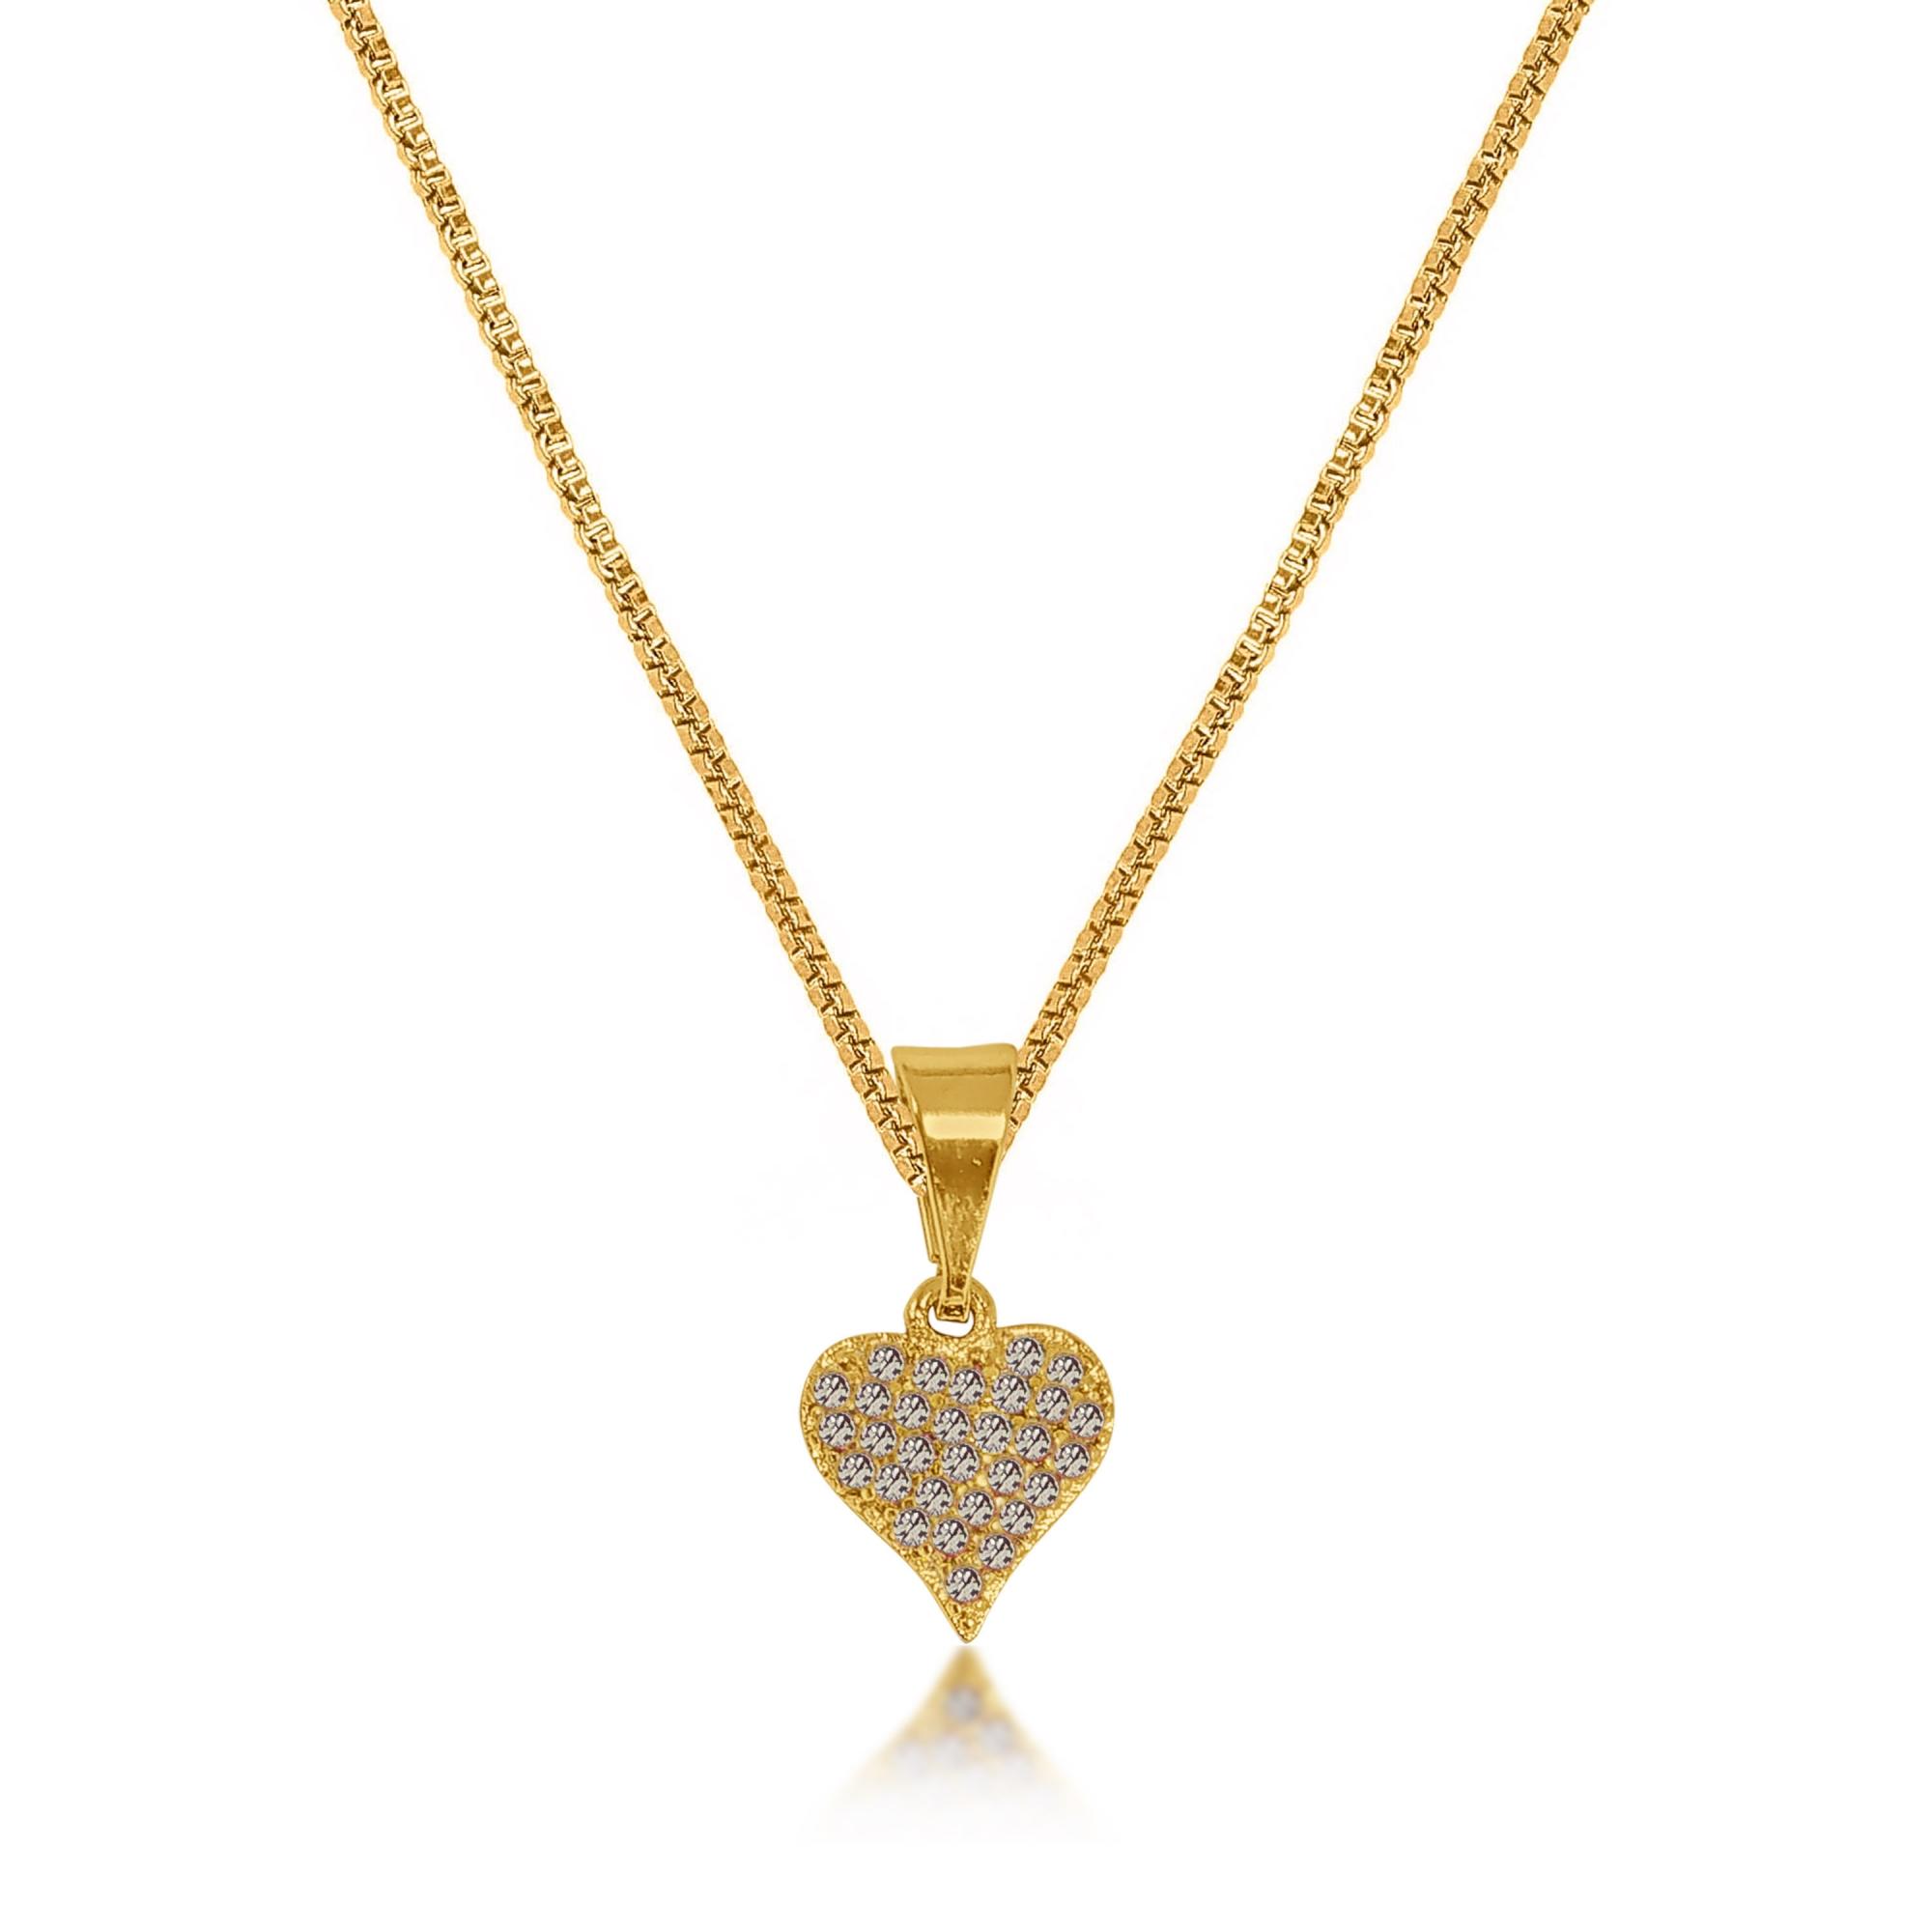 Gargantilha Coração Cravejado Zircônia Folheado Ouro18k  - Lunozê Joias